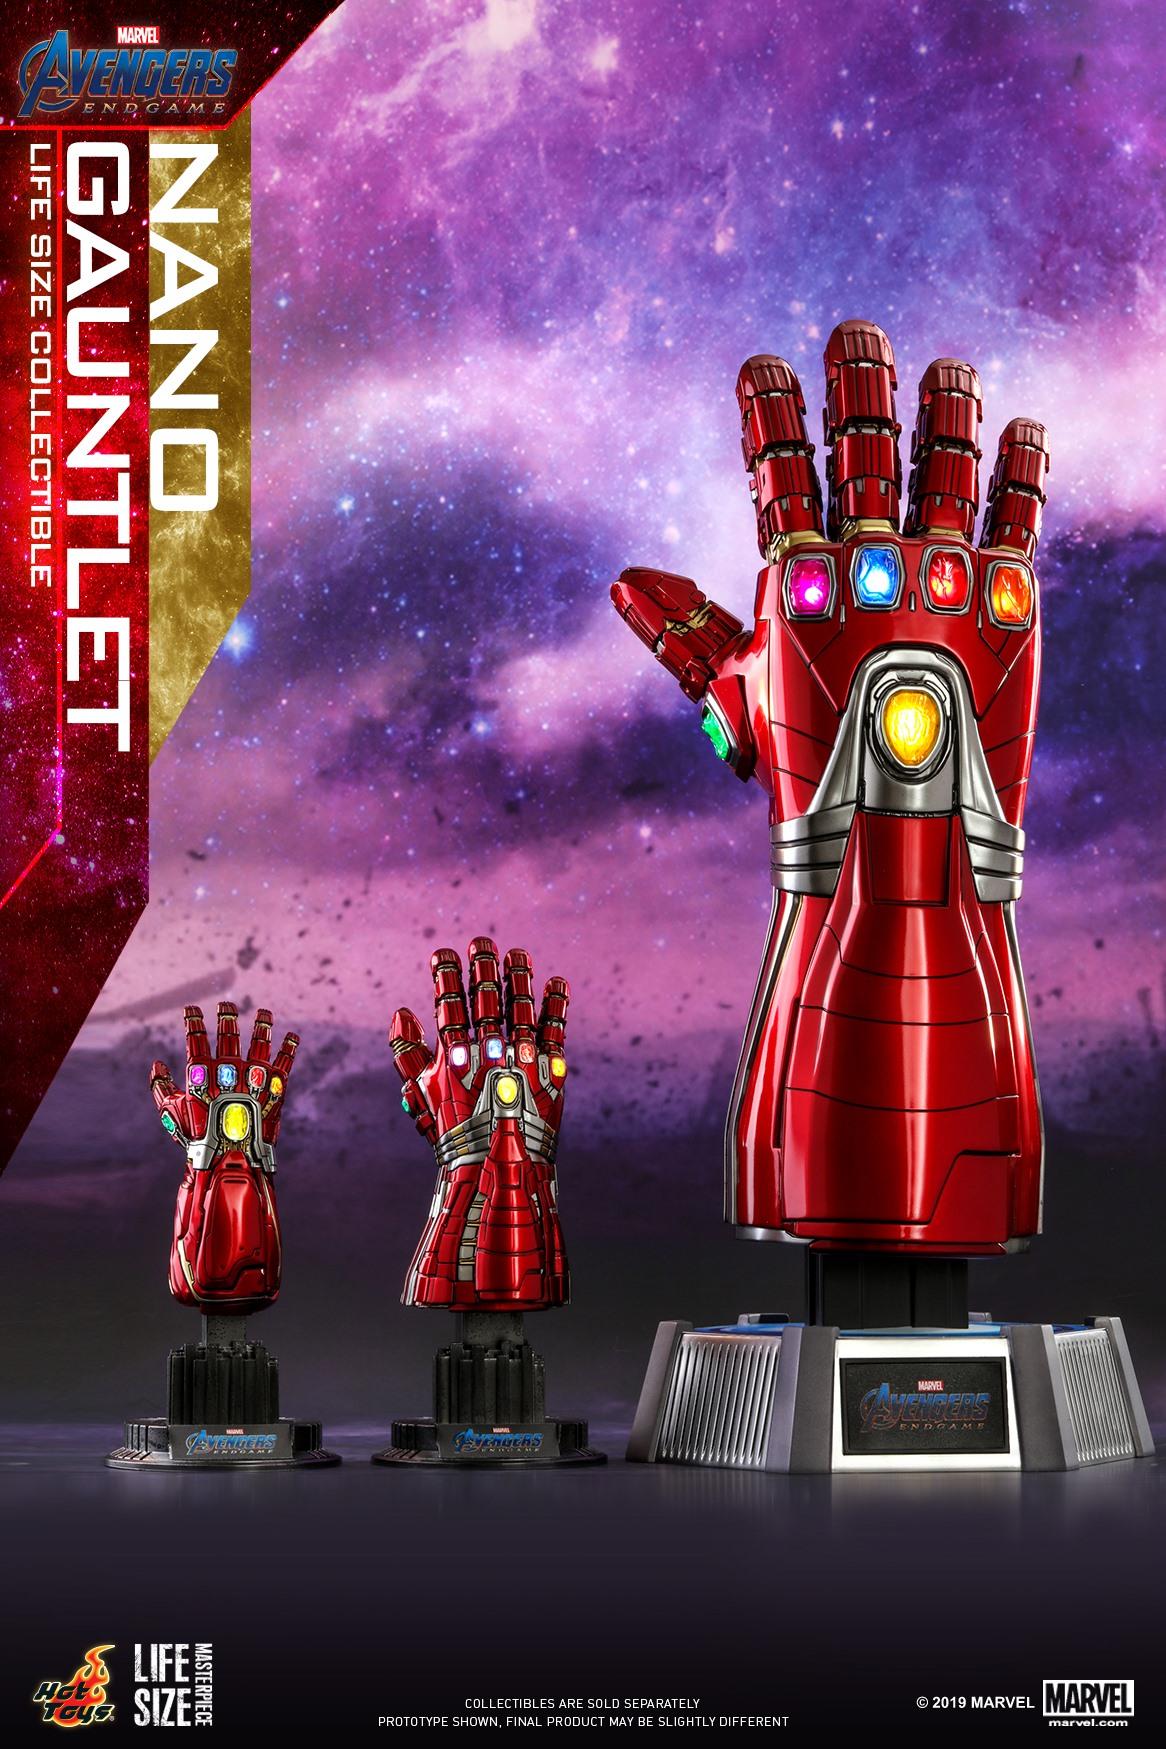 szmk_avengers_bosszuallok_endgame_vegjatek_iron_man_hulk_nano_gauntlet_nano_kesztyu_marvel_hot_toys_7.jpg